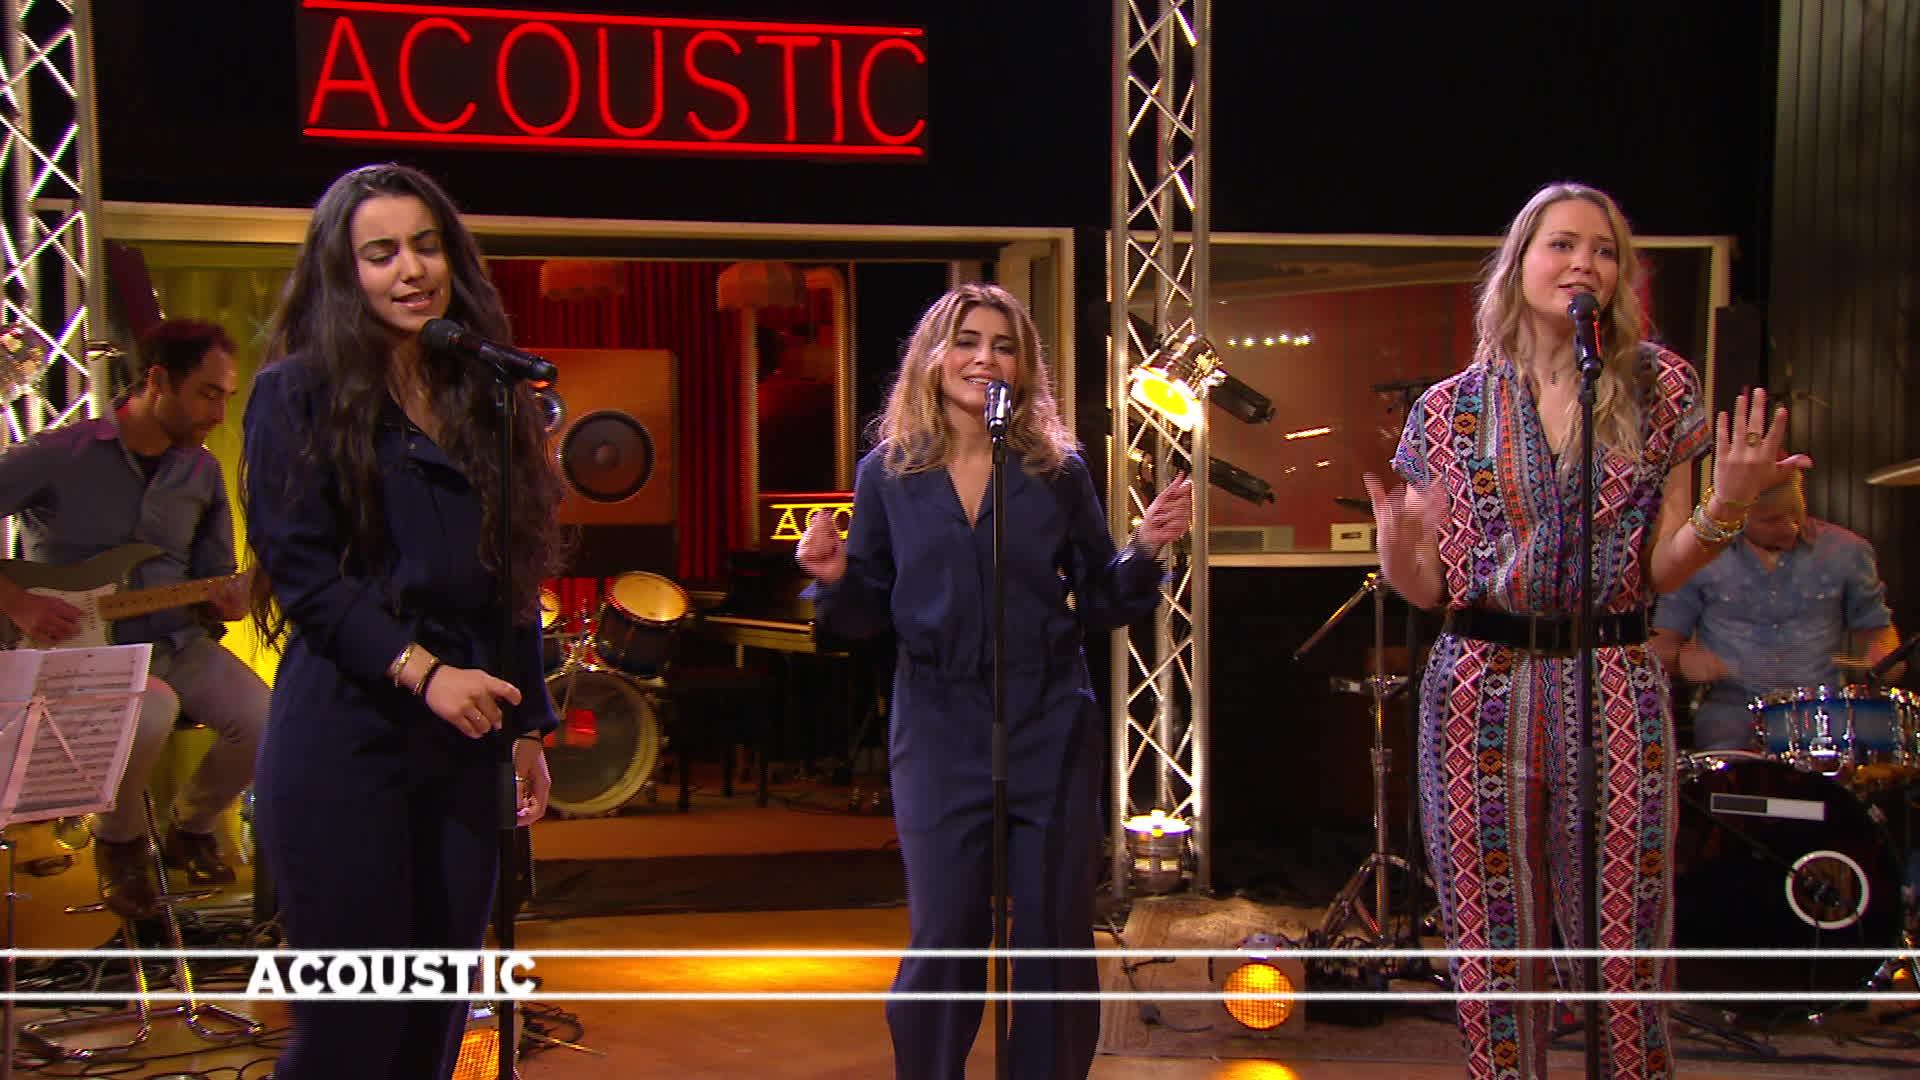 Acoustic Julie Zenatti et ses invités